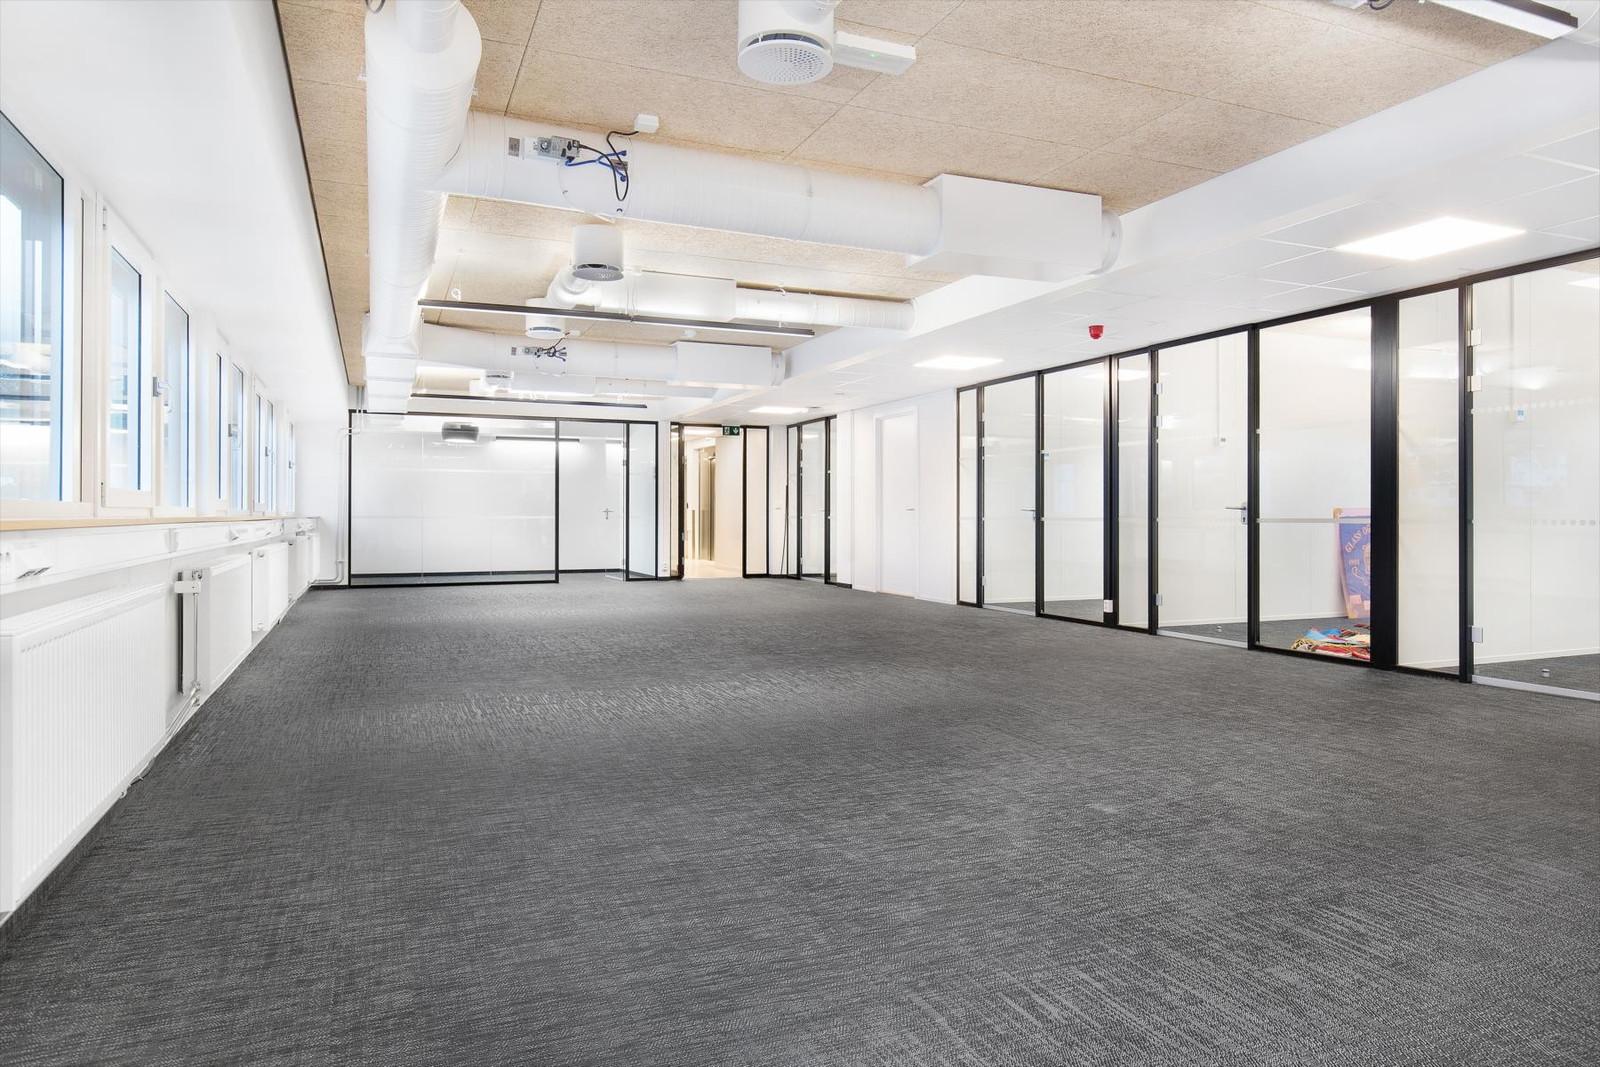 Nyinnredede kontorlokaler med moderne kvaliteter, sentralvarmeanlegg, ventilasjon m.v.